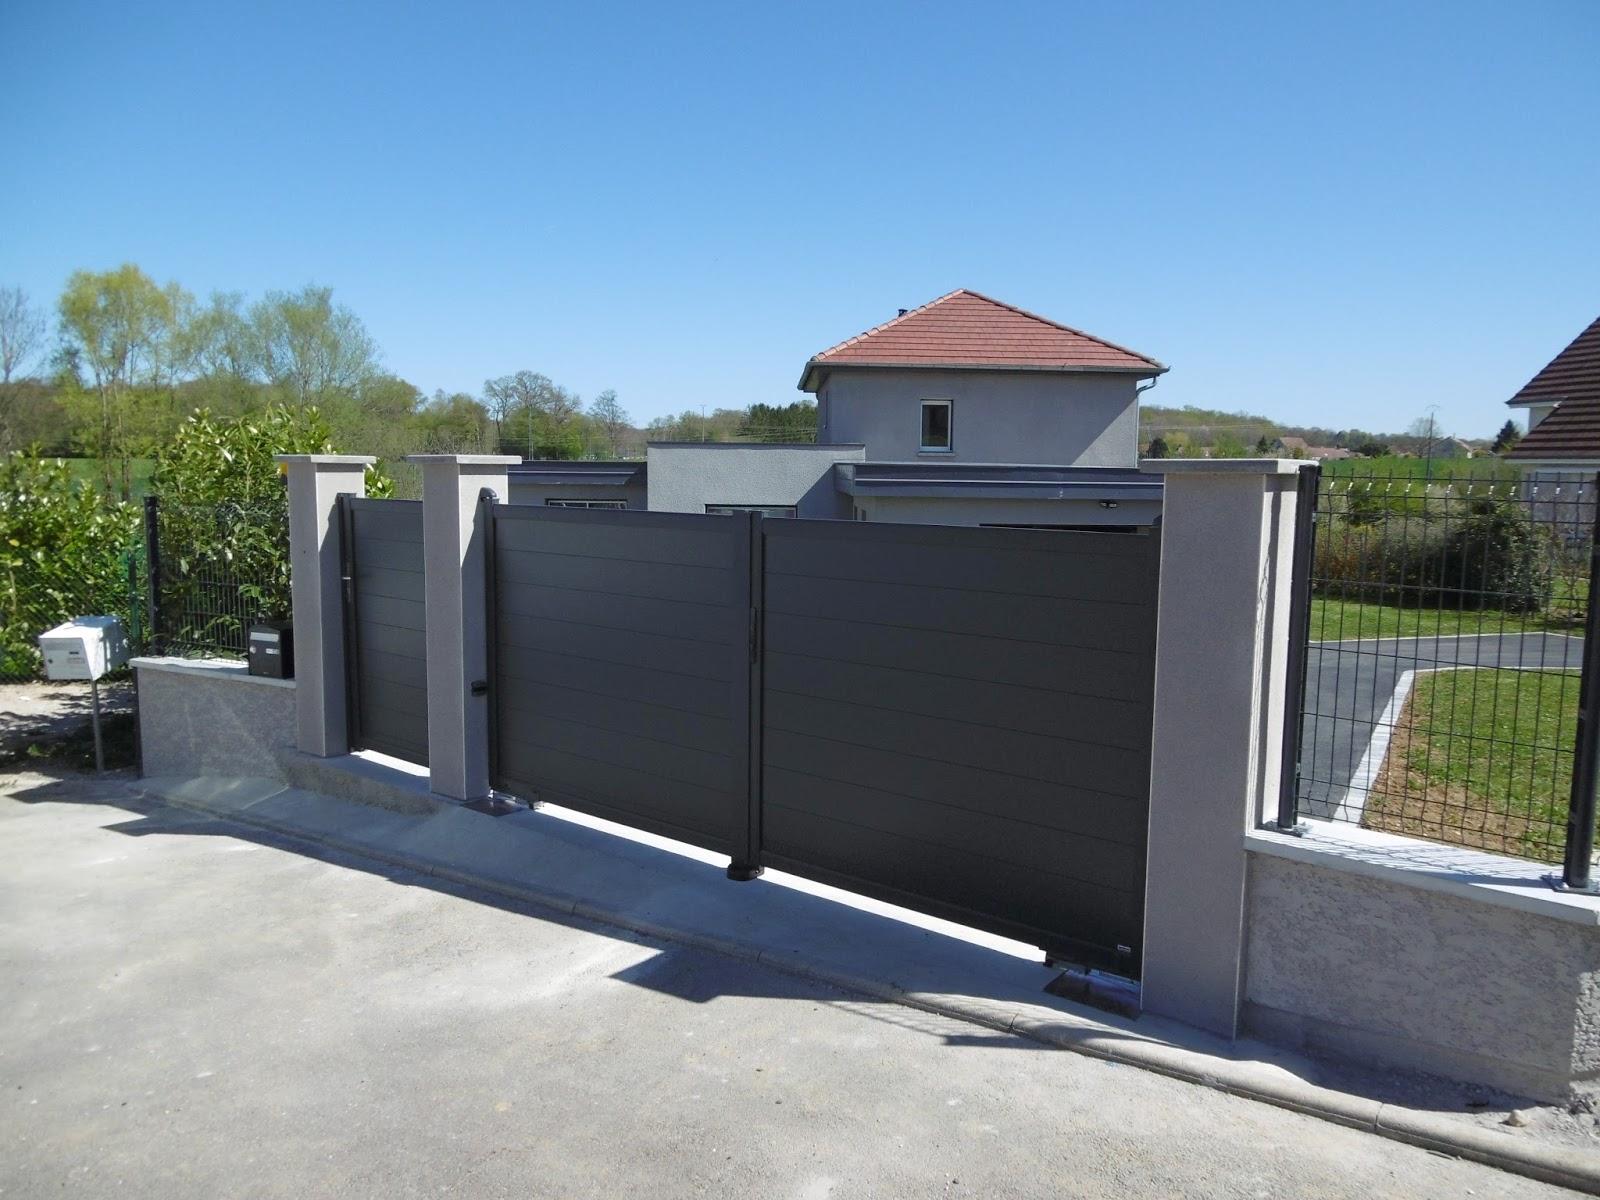 hervier paysages portail archachon sur motorisation encastr e. Black Bedroom Furniture Sets. Home Design Ideas